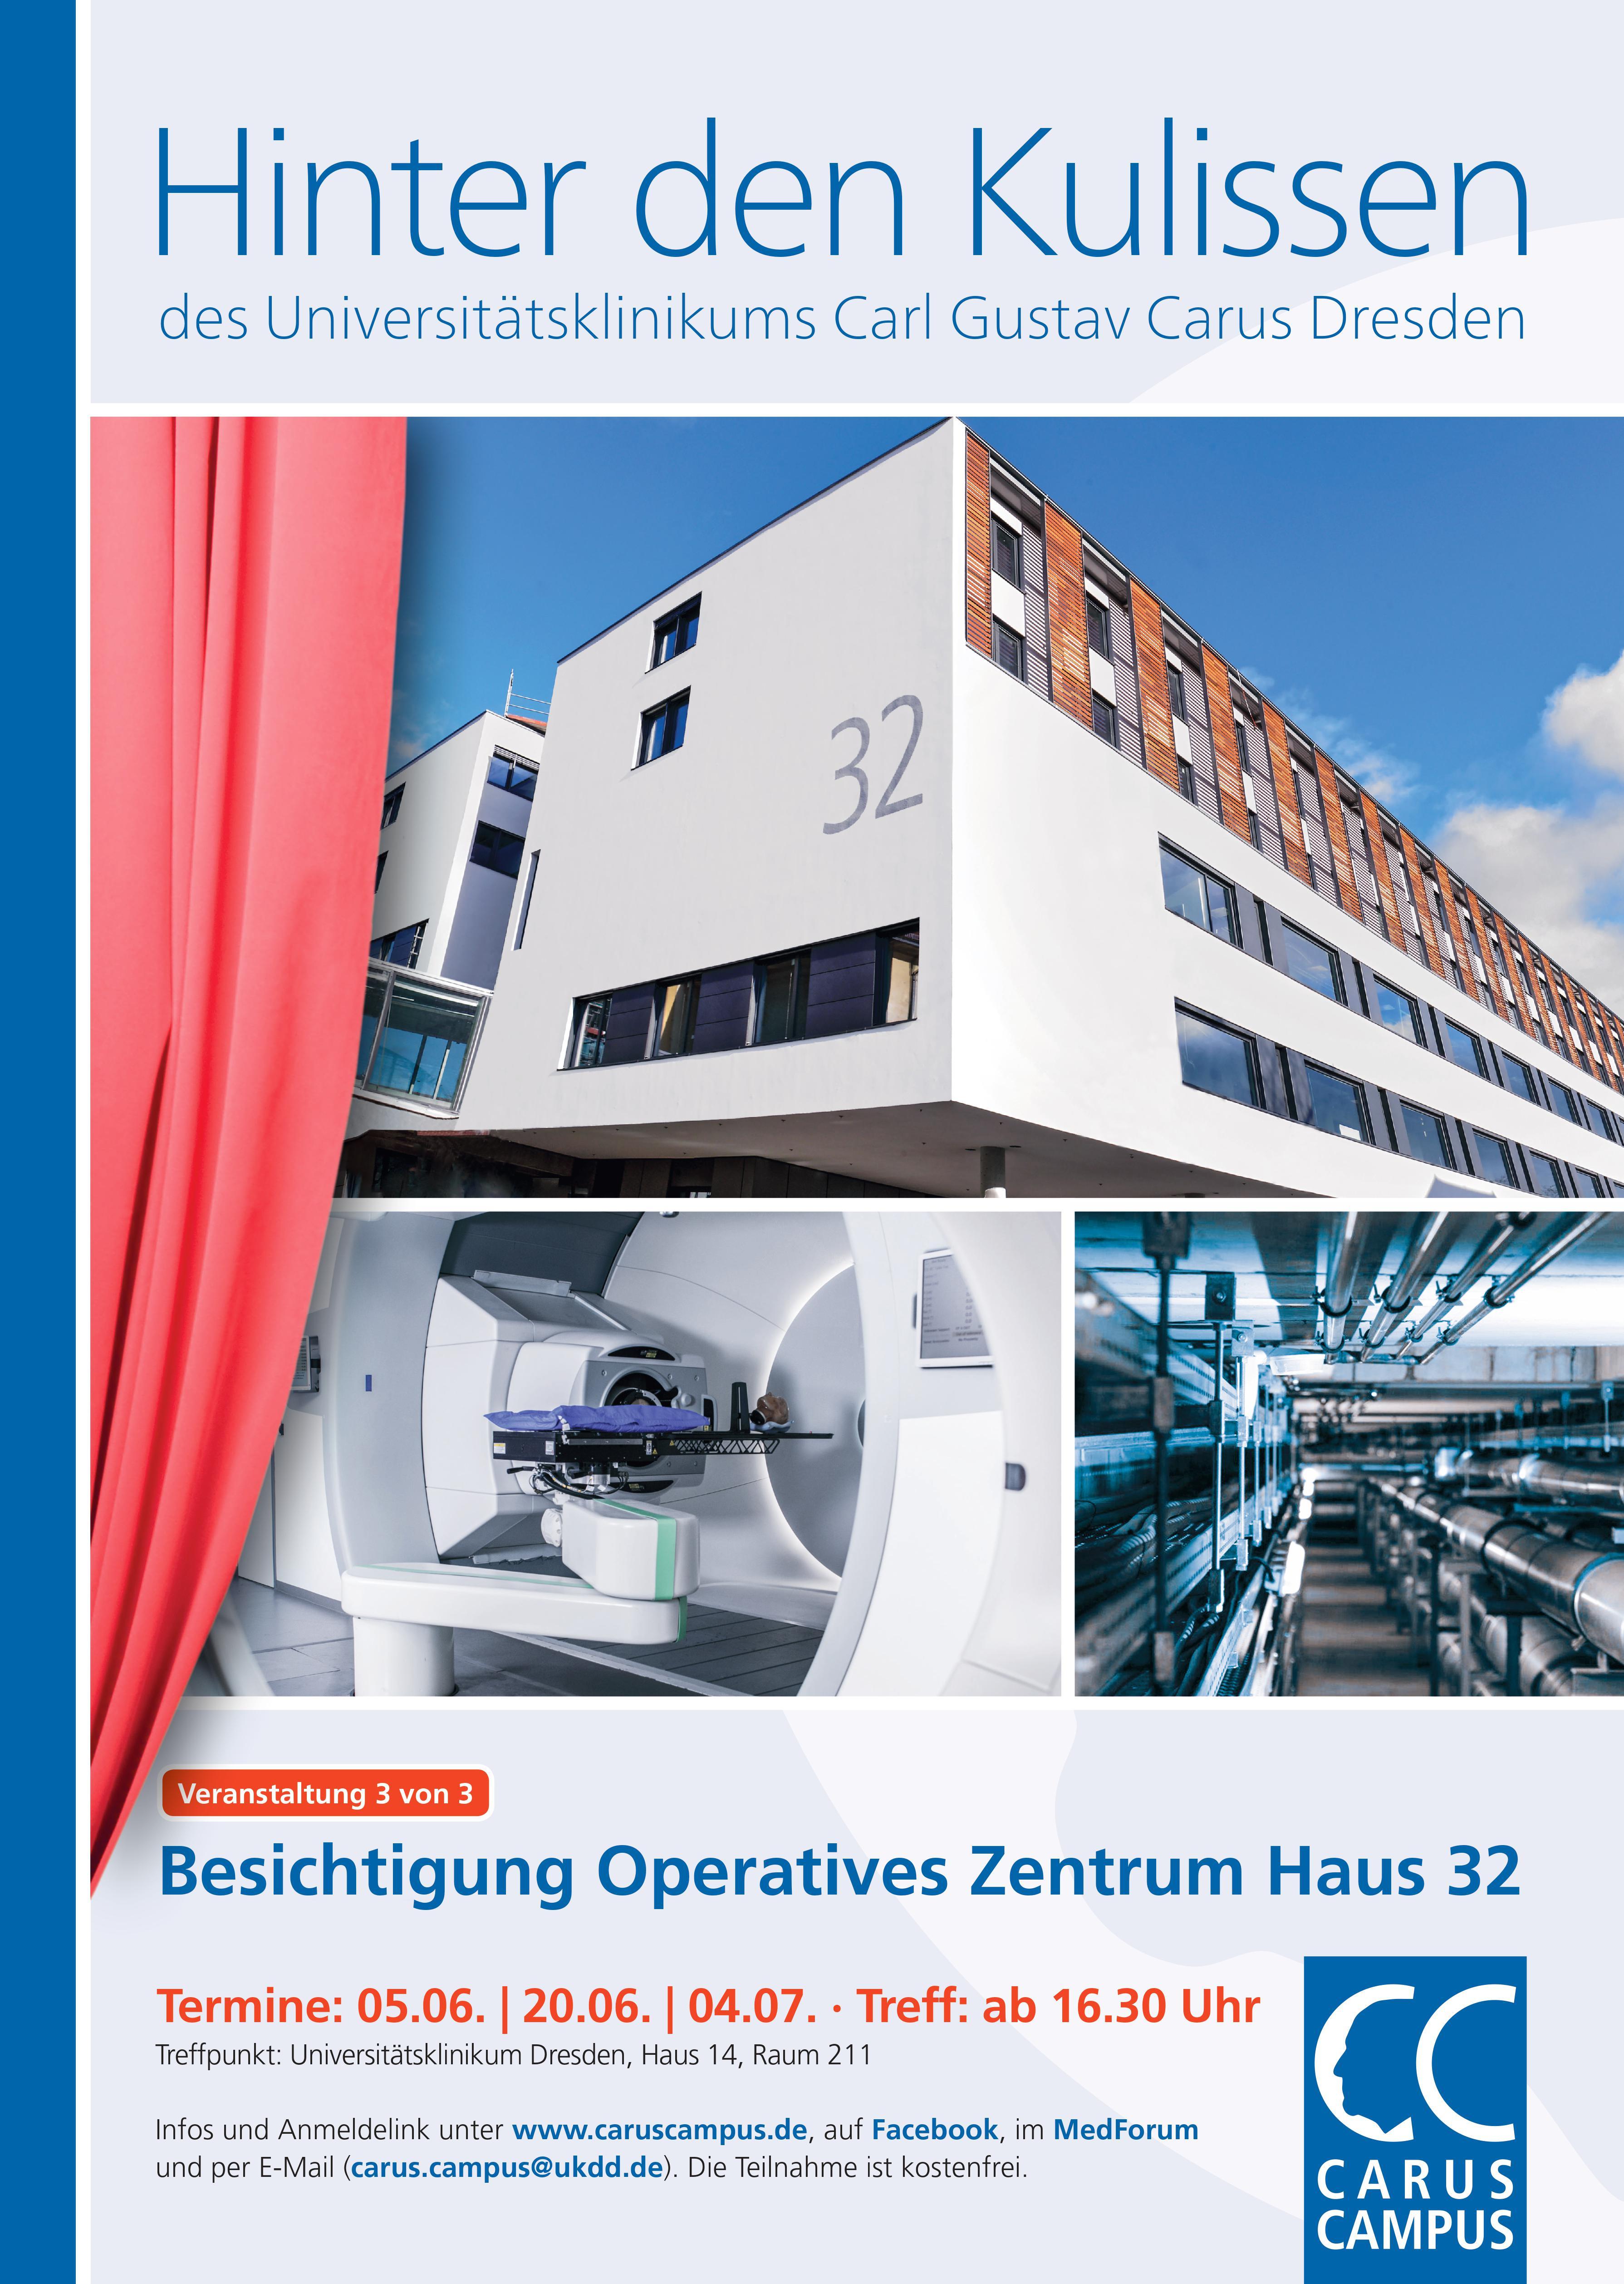 Hinter Den Kulissen Teil 3 Besichtigung Operatives Zentrum Haus